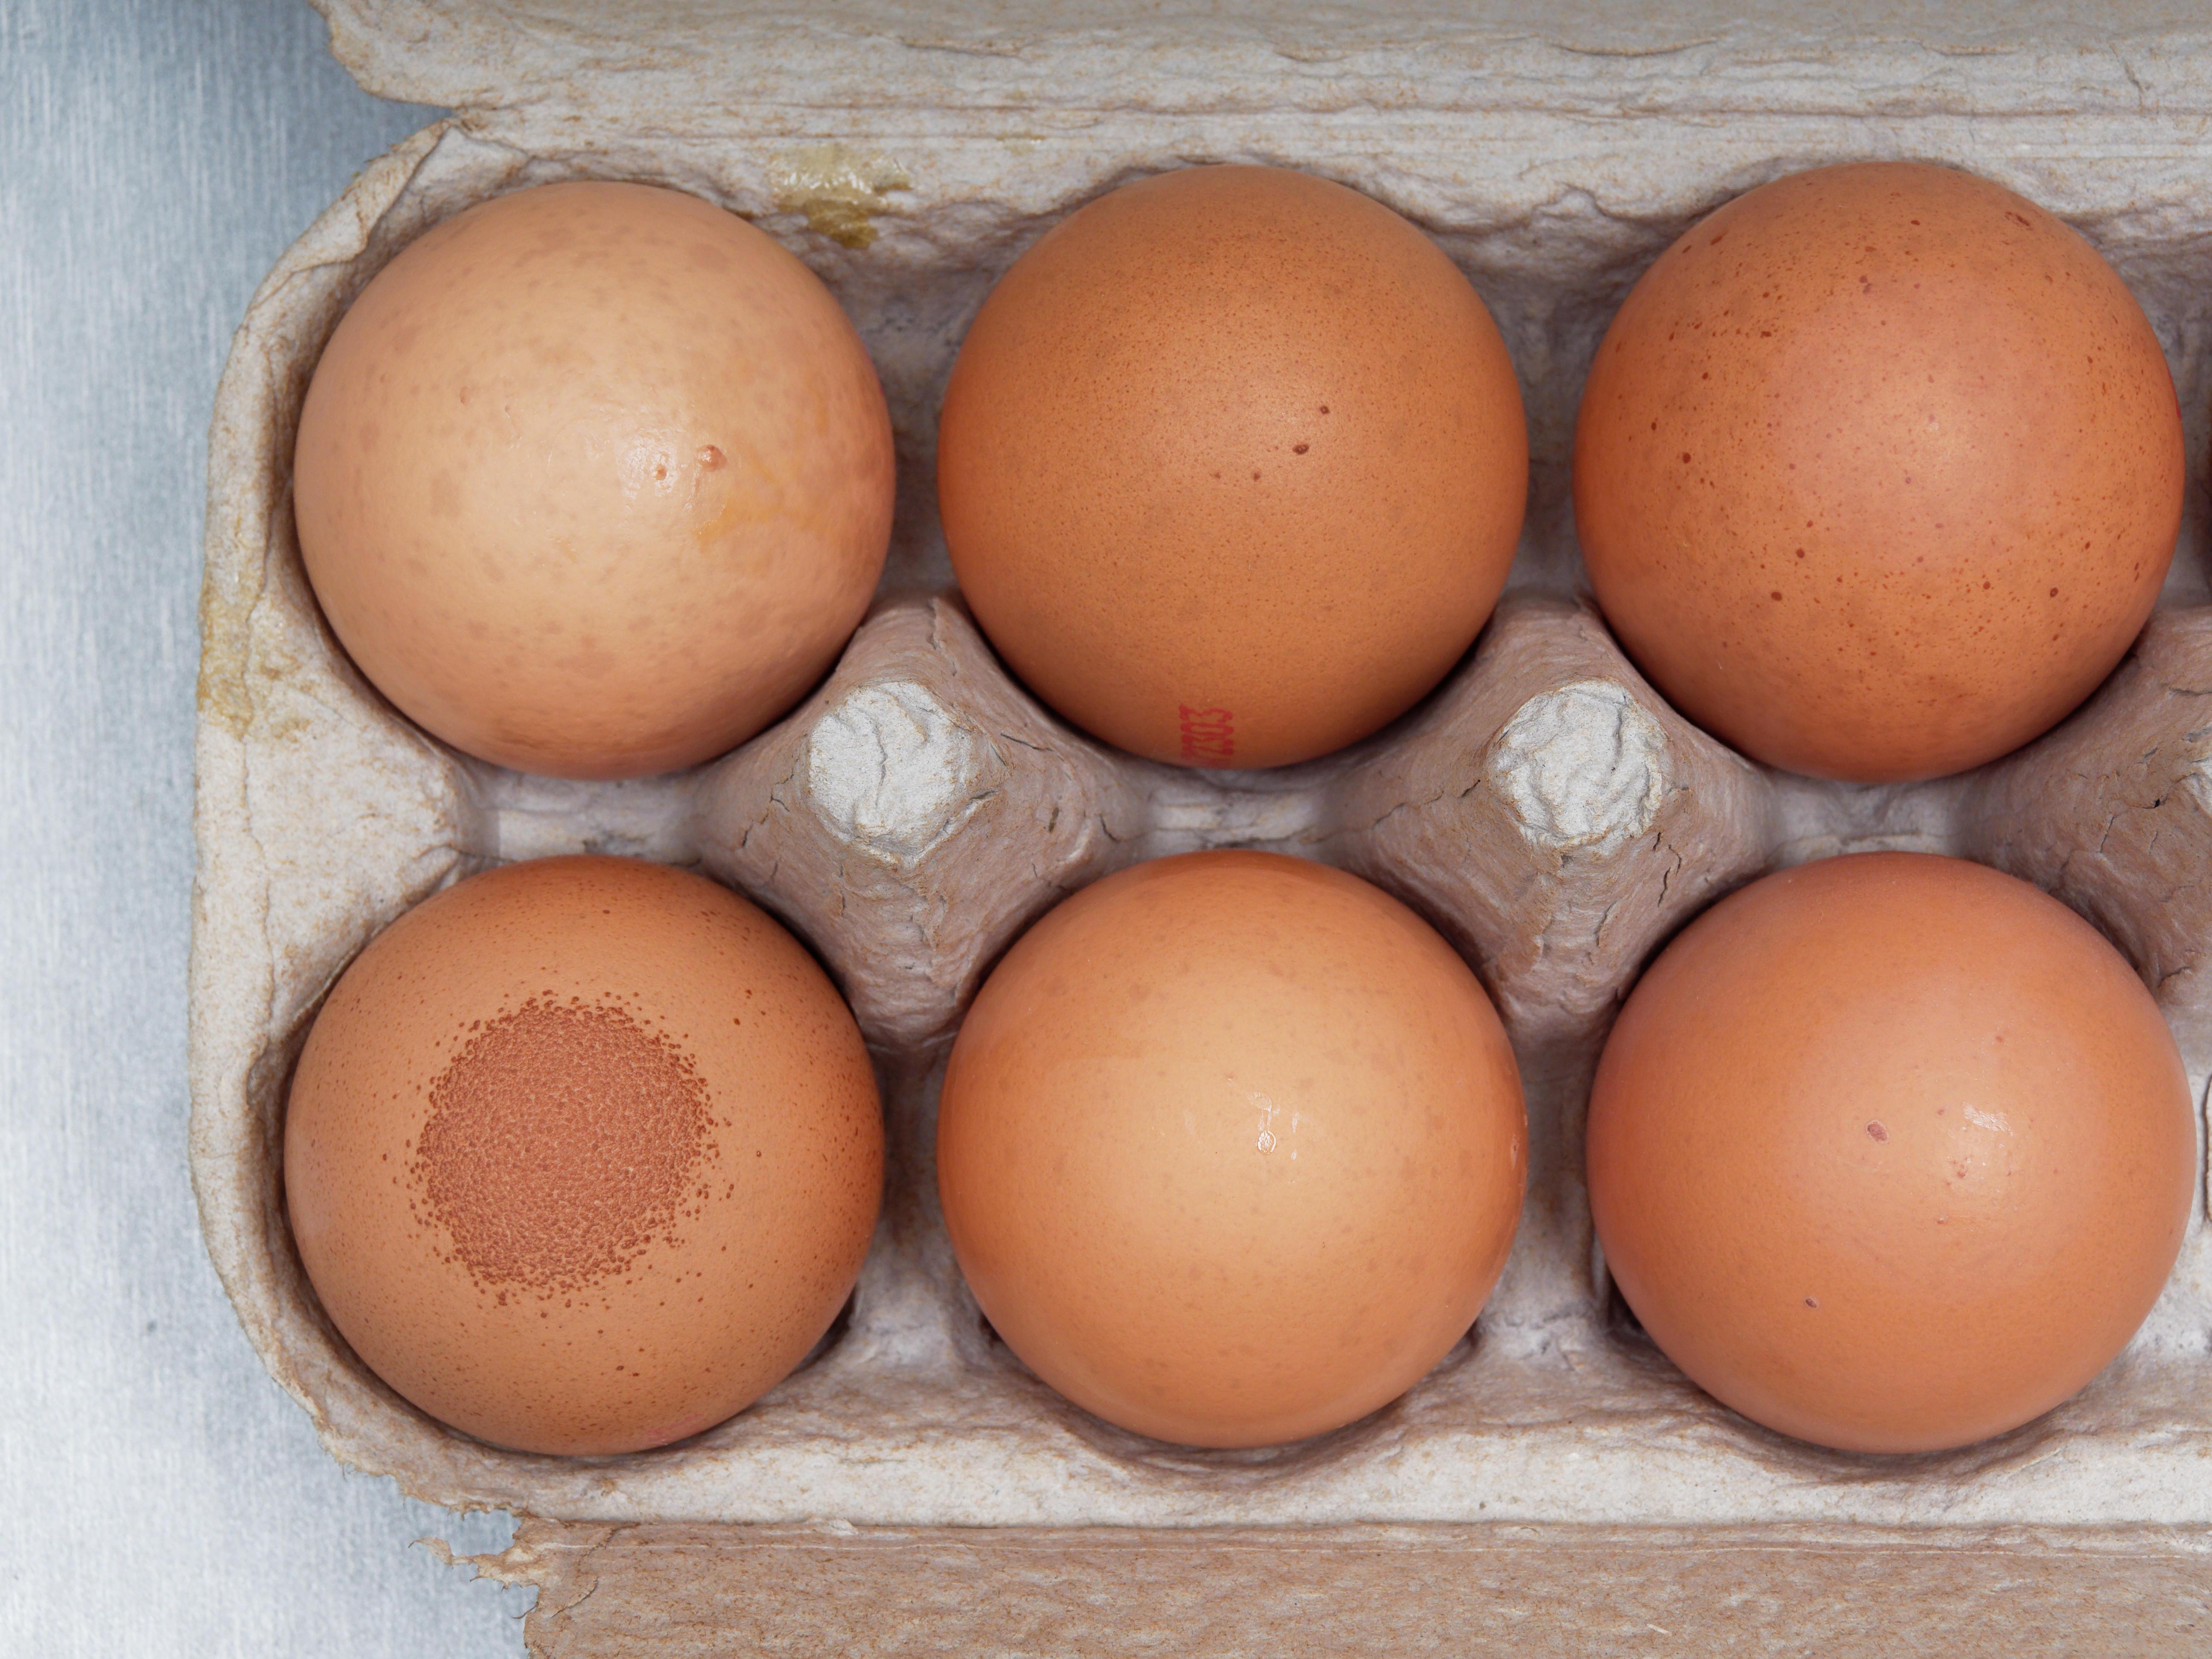 Speckled-egg-1.jpeg